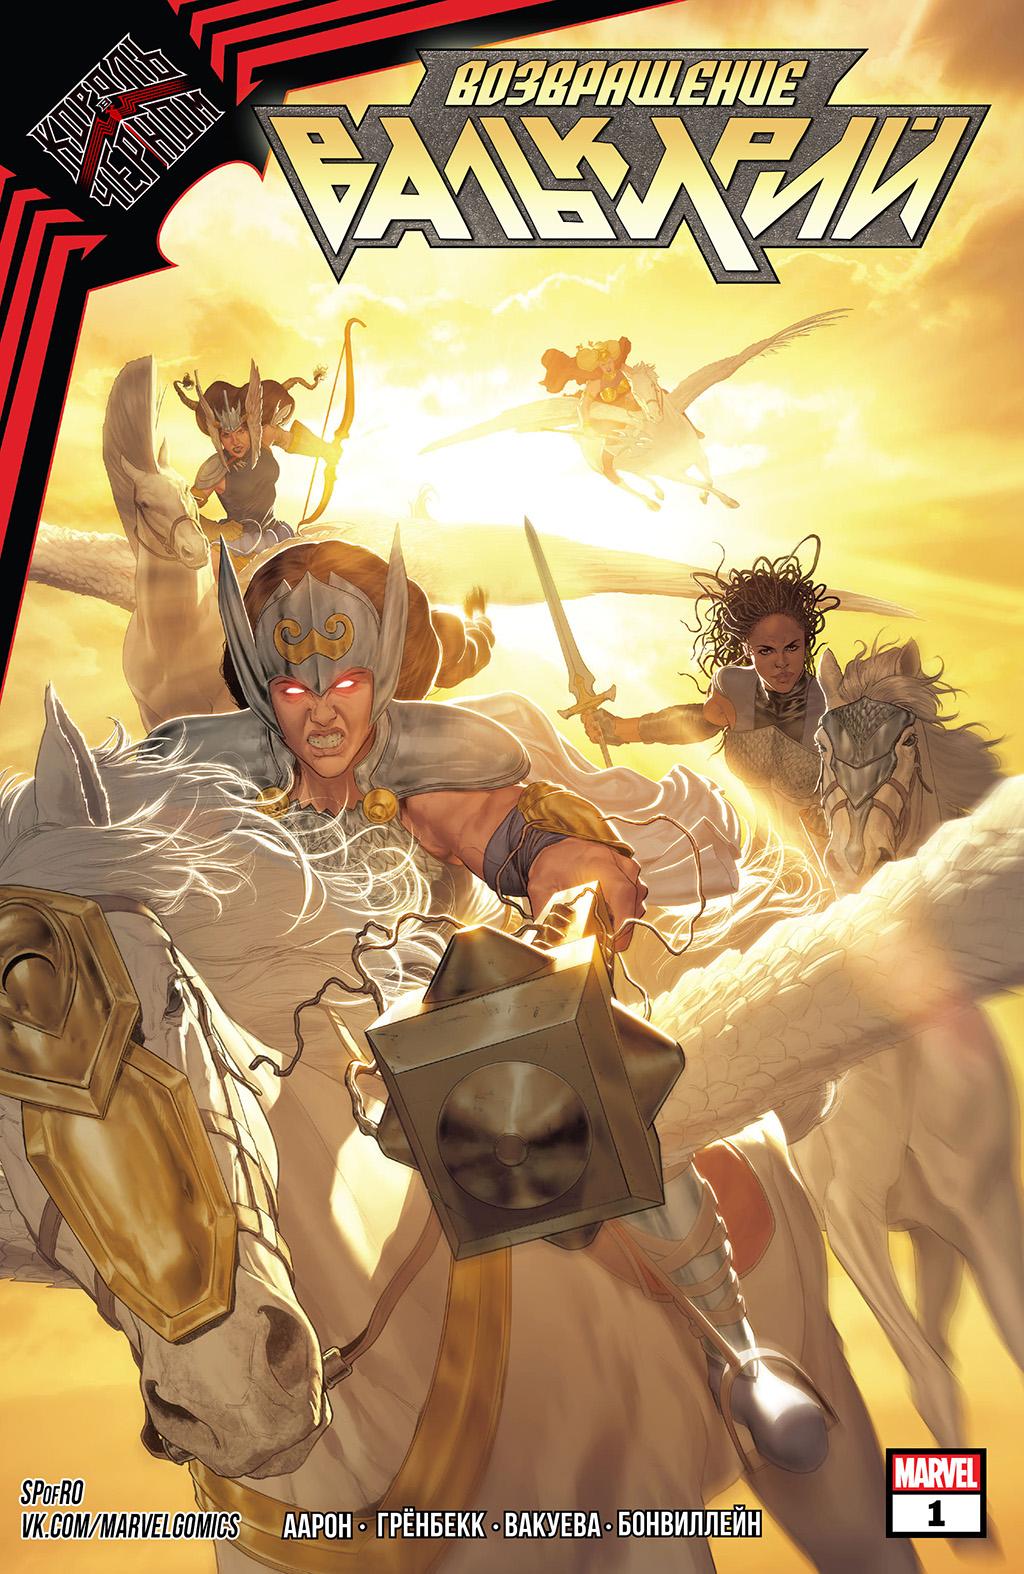 комикс Король в чёрном - Возвращение Валькирий